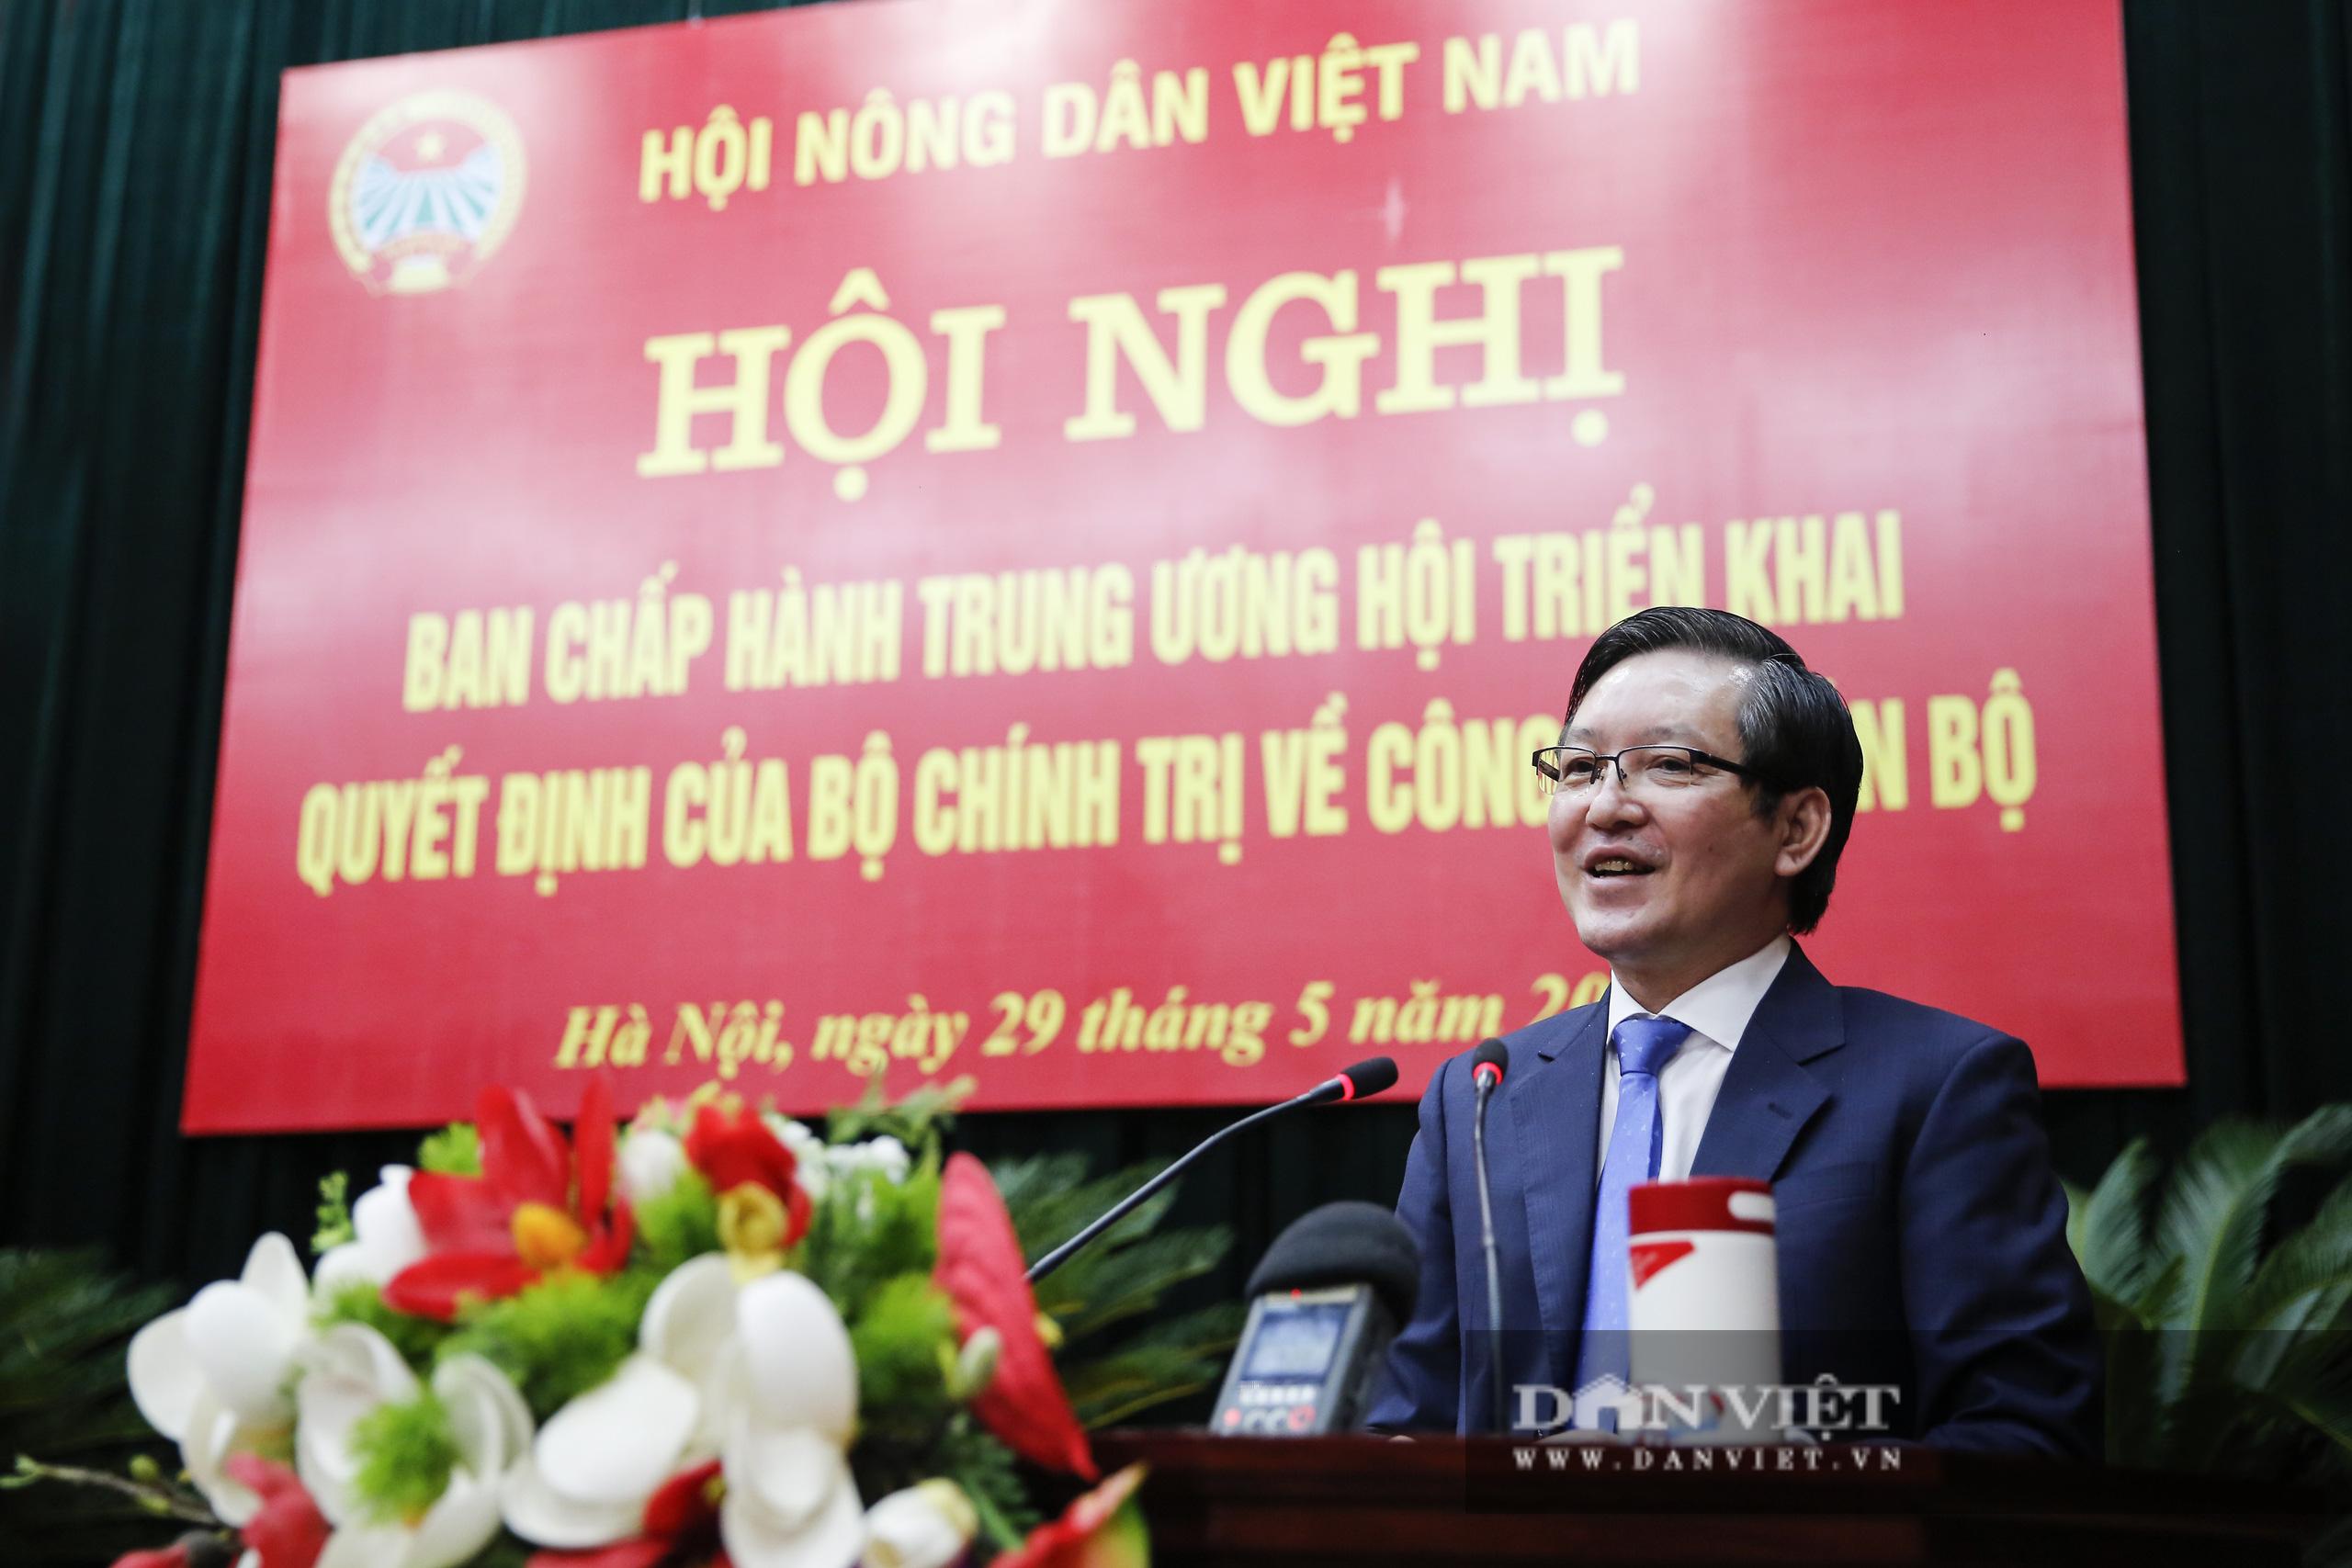 Ảnh: Hội nghị BCH TƯ Hội Nông dân Việt Nam triển khai quyết định của Bộ Chính trị về công tác cán bộ - Ảnh 15.